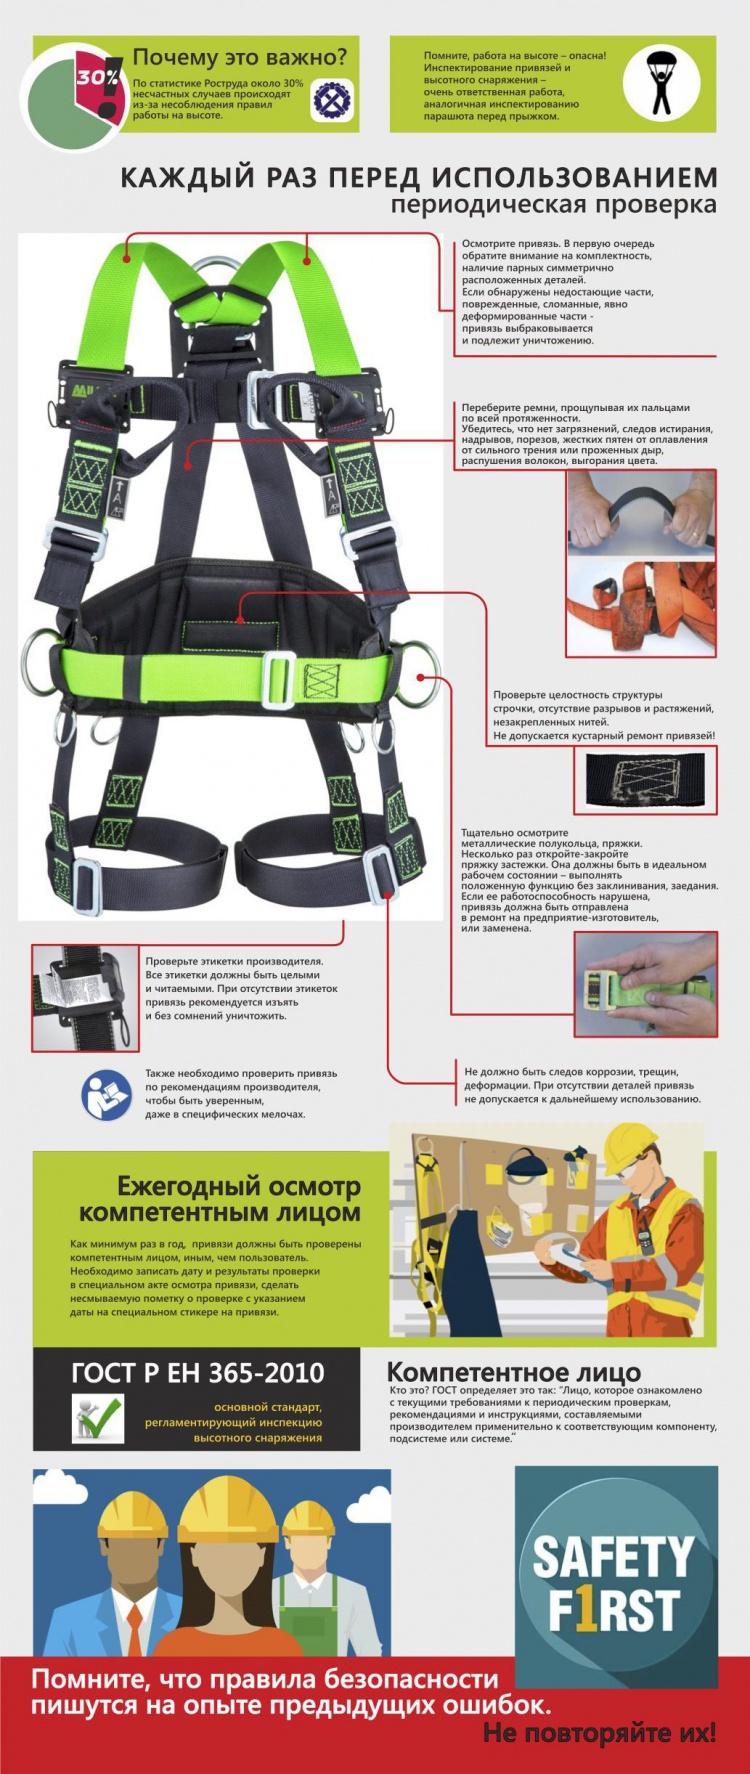 Инспектирование удерживающей системы для безопасной работы на высоте. Инфографика